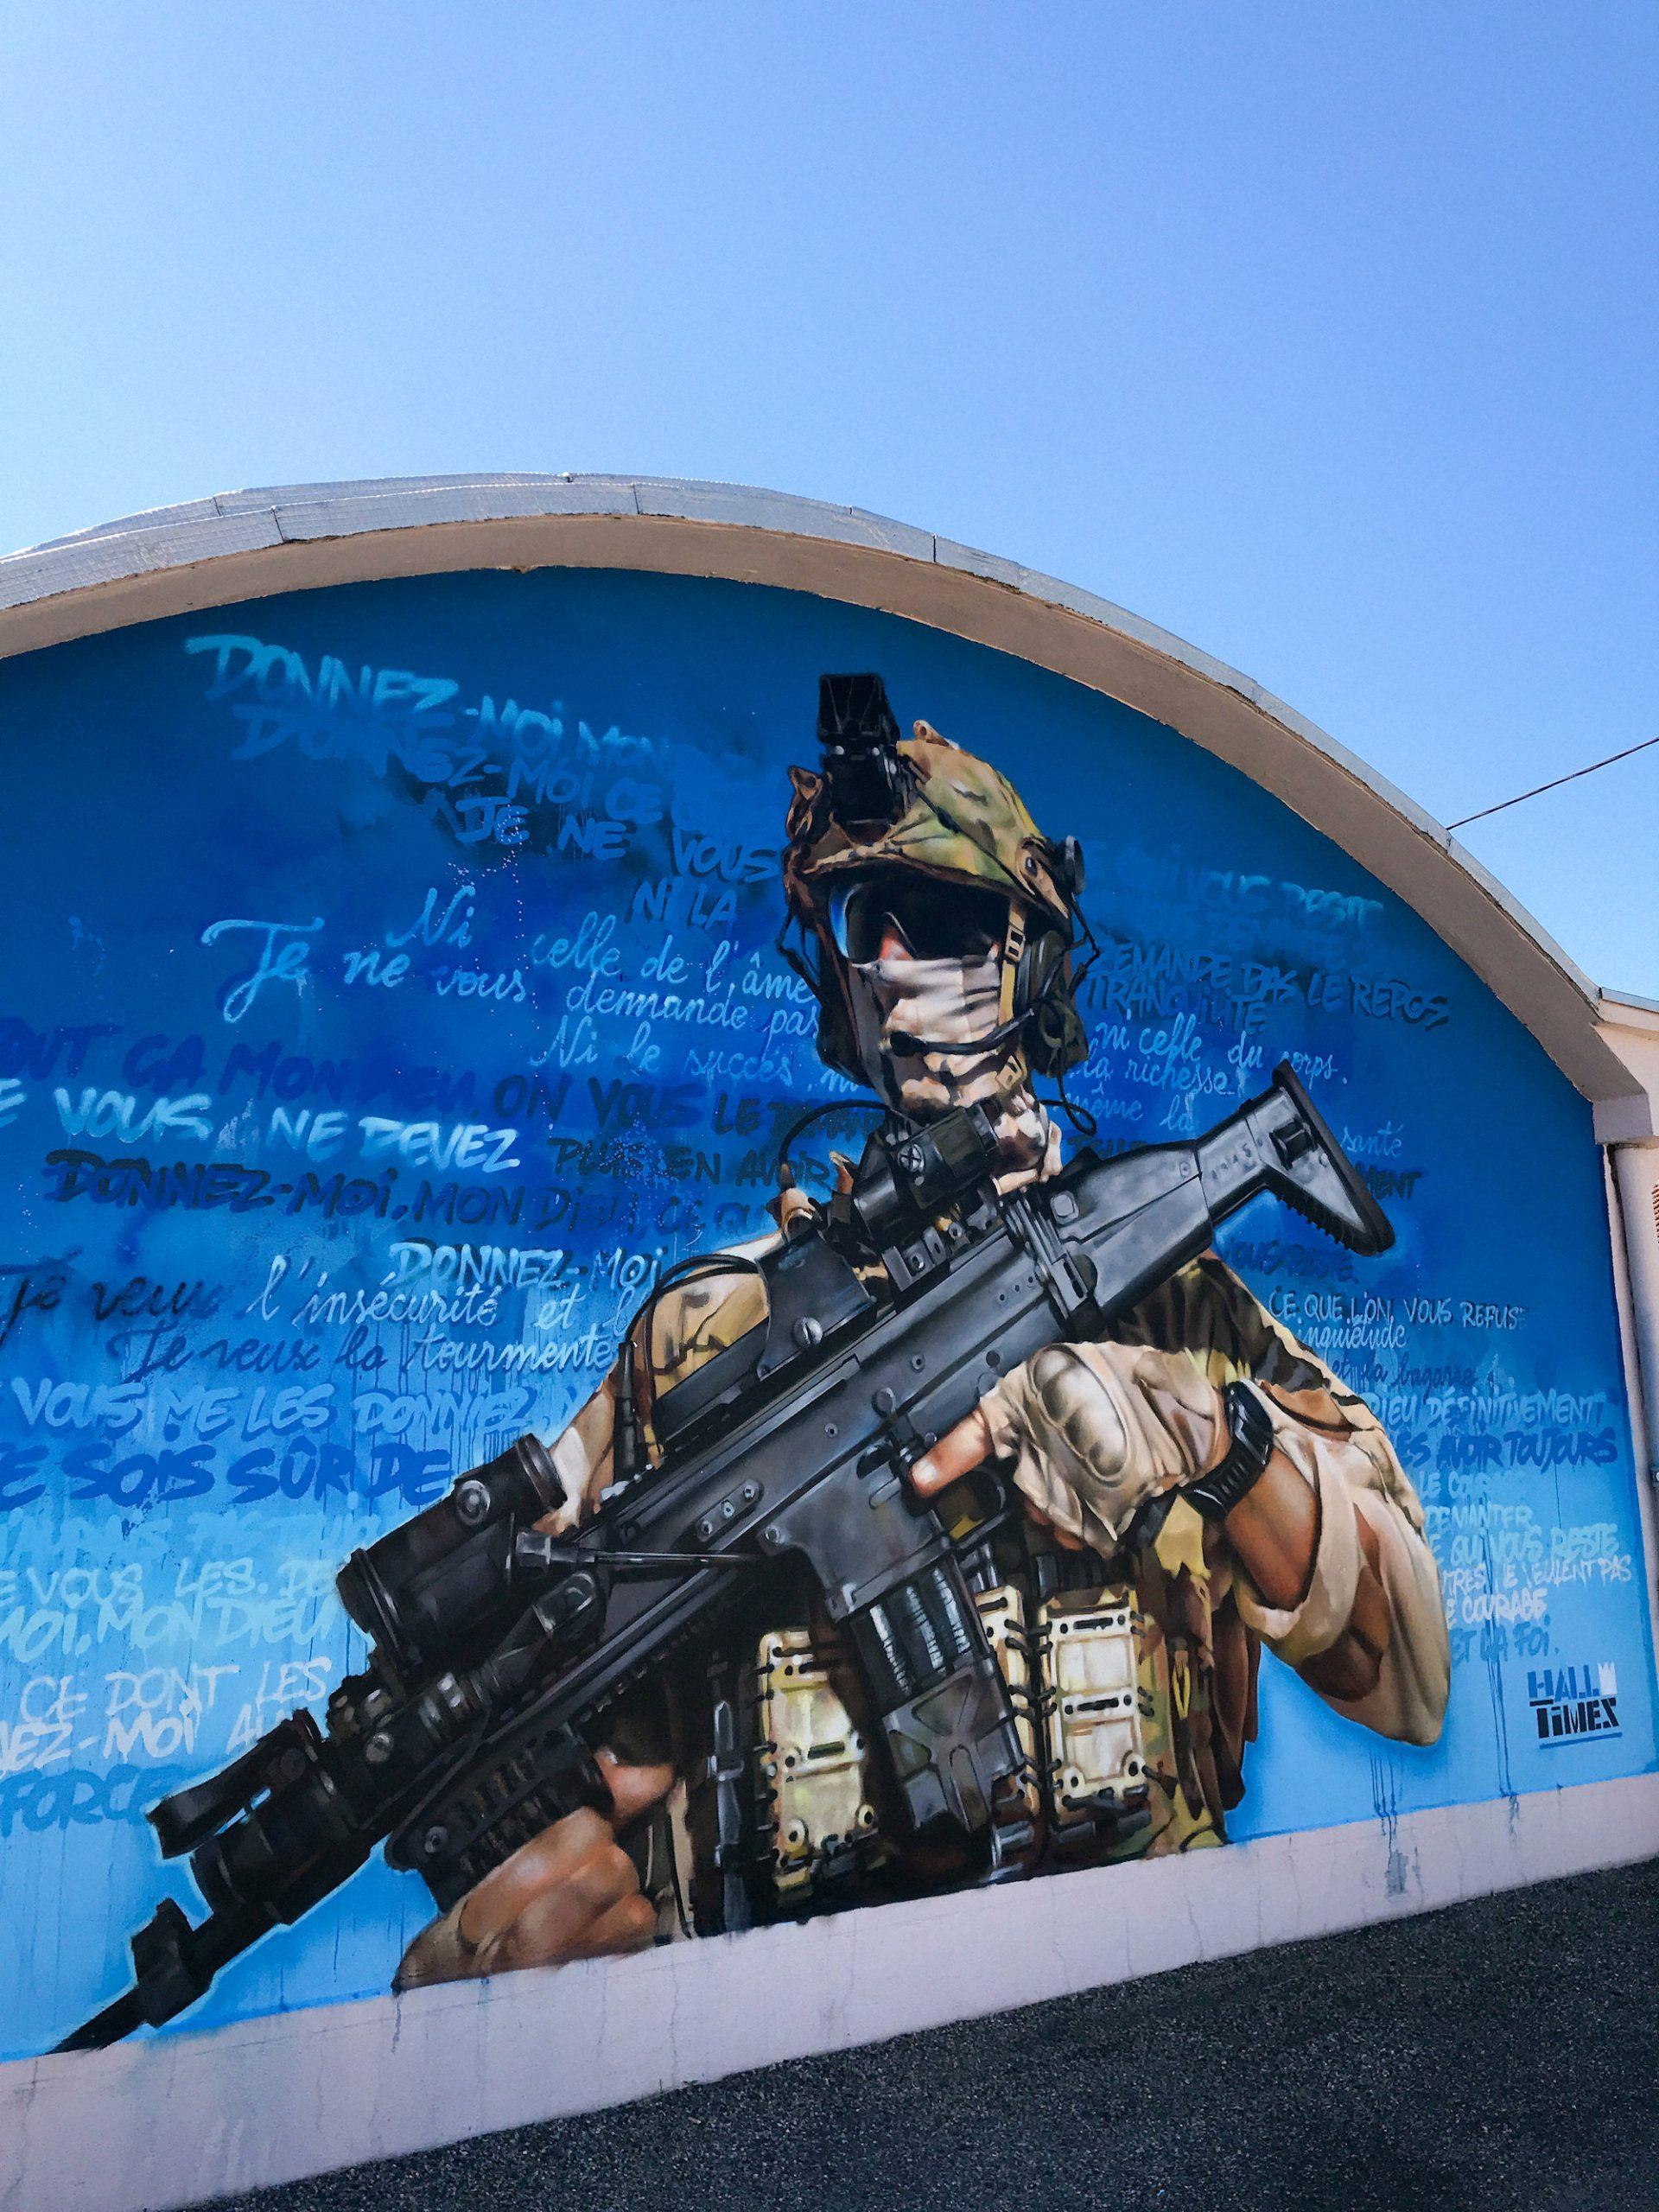 Fresque-art-commando-legionnaire-militaire-hommage-parachutiste